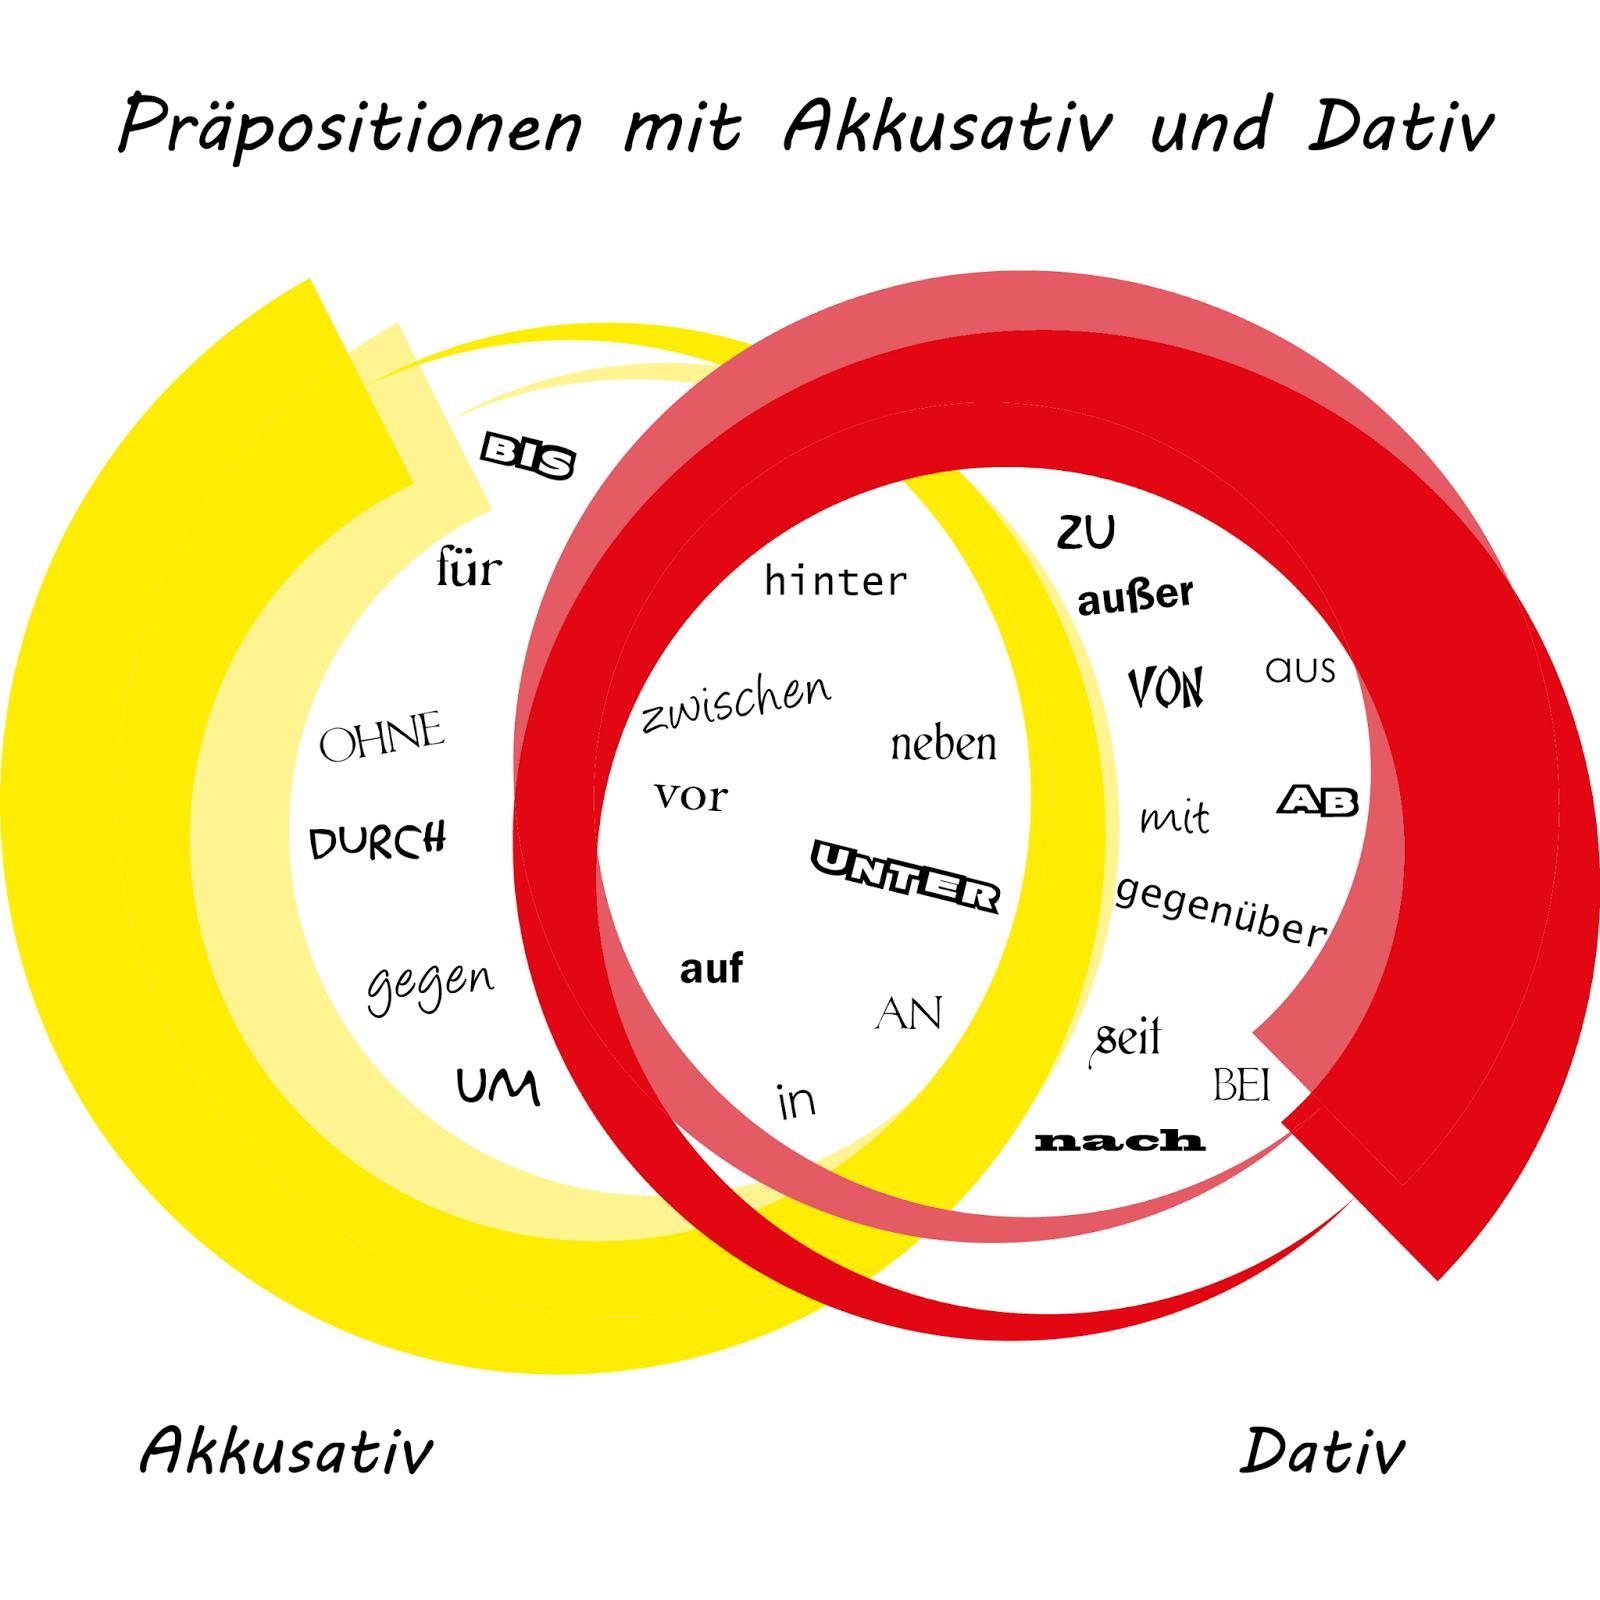 preposiciones alemanas con acusativo y dativo